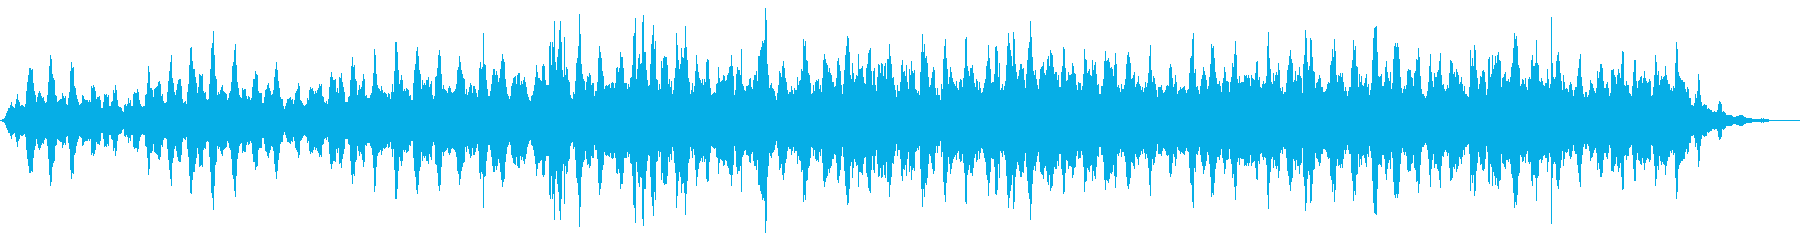 夕焼けをイメージしたアンビエントの再生済みの波形